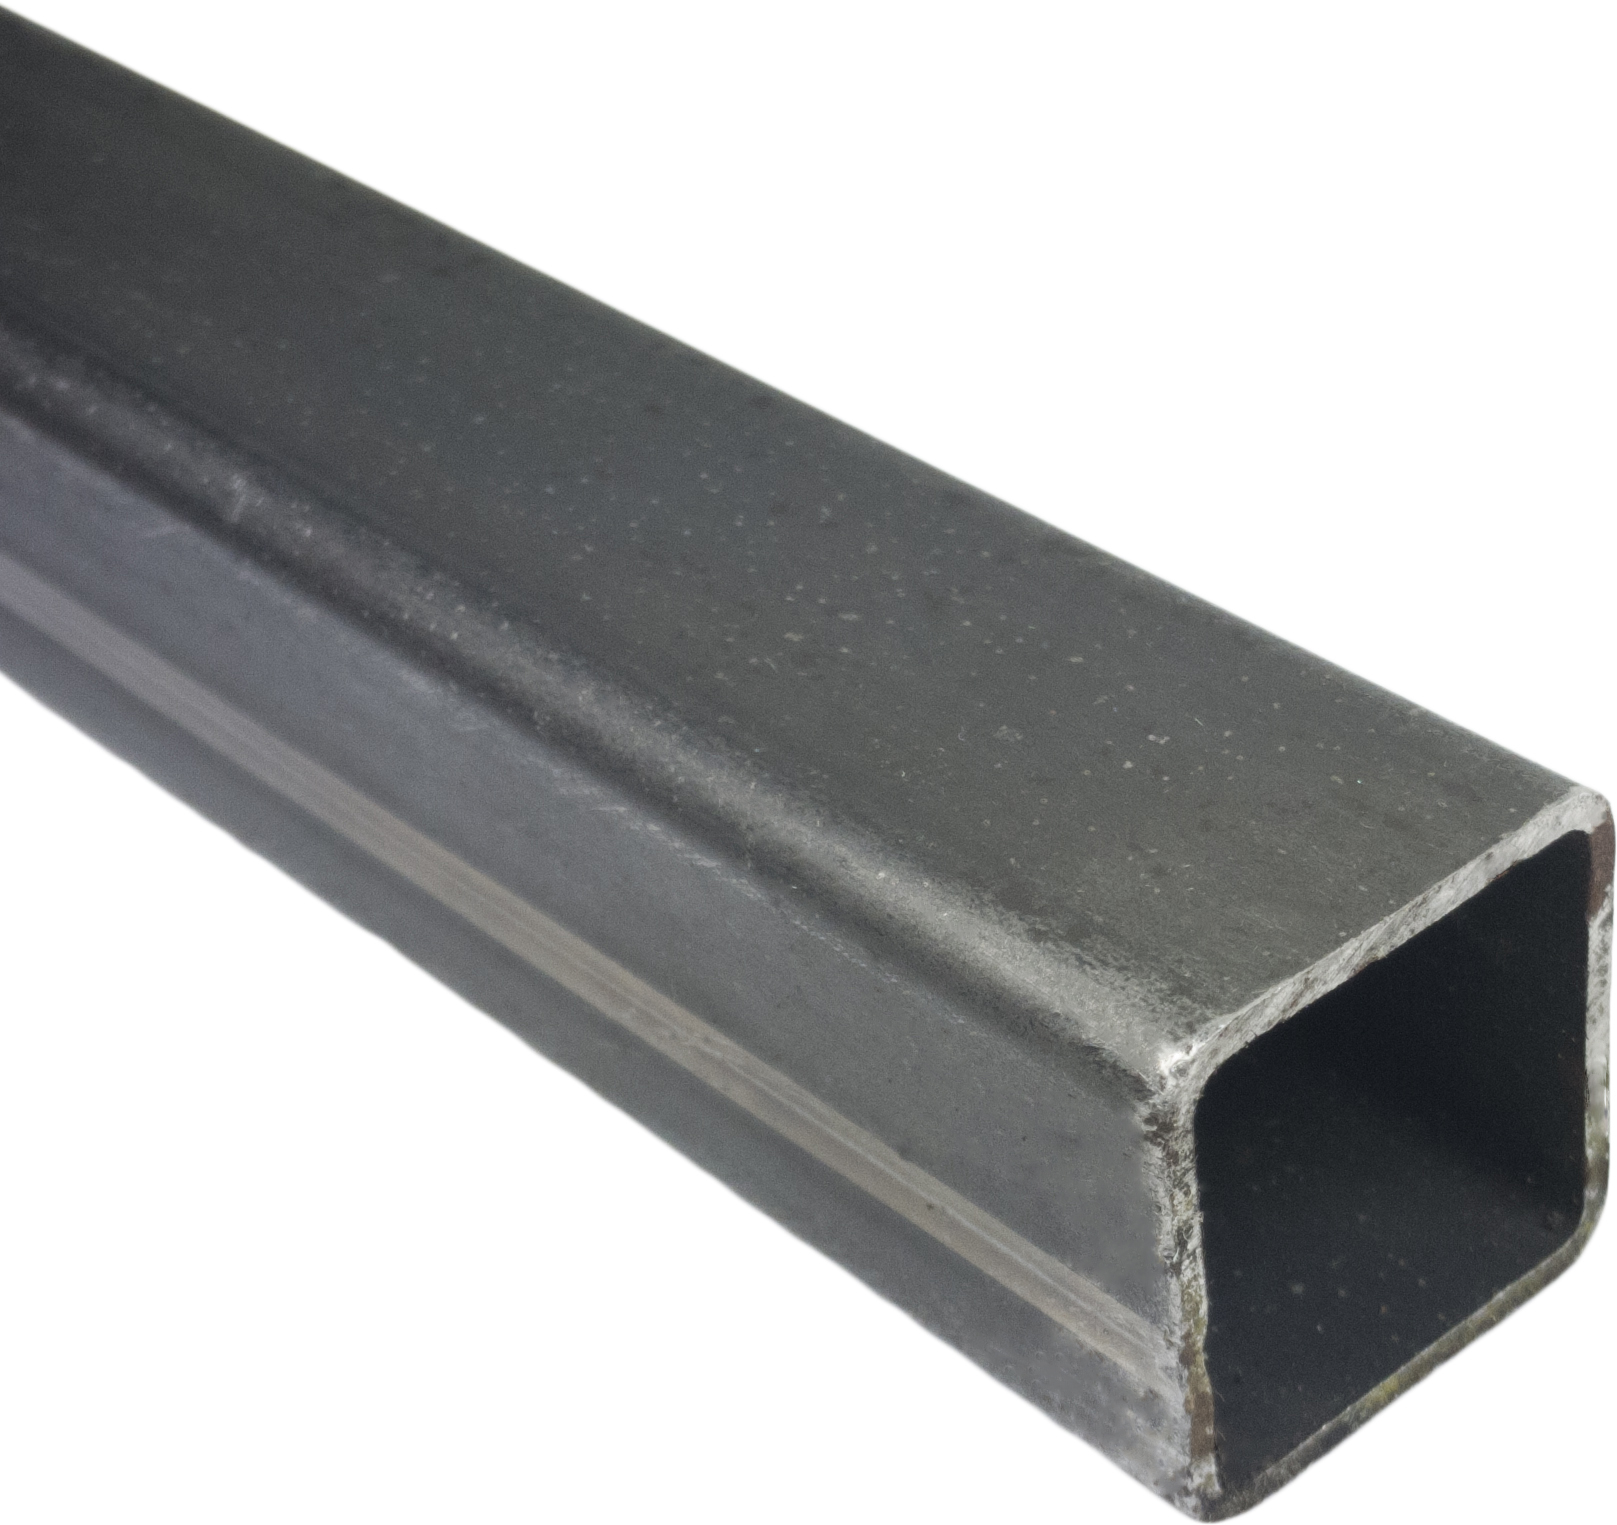 Profil stalowy zamknięty 20x20x2 długość 2000mm